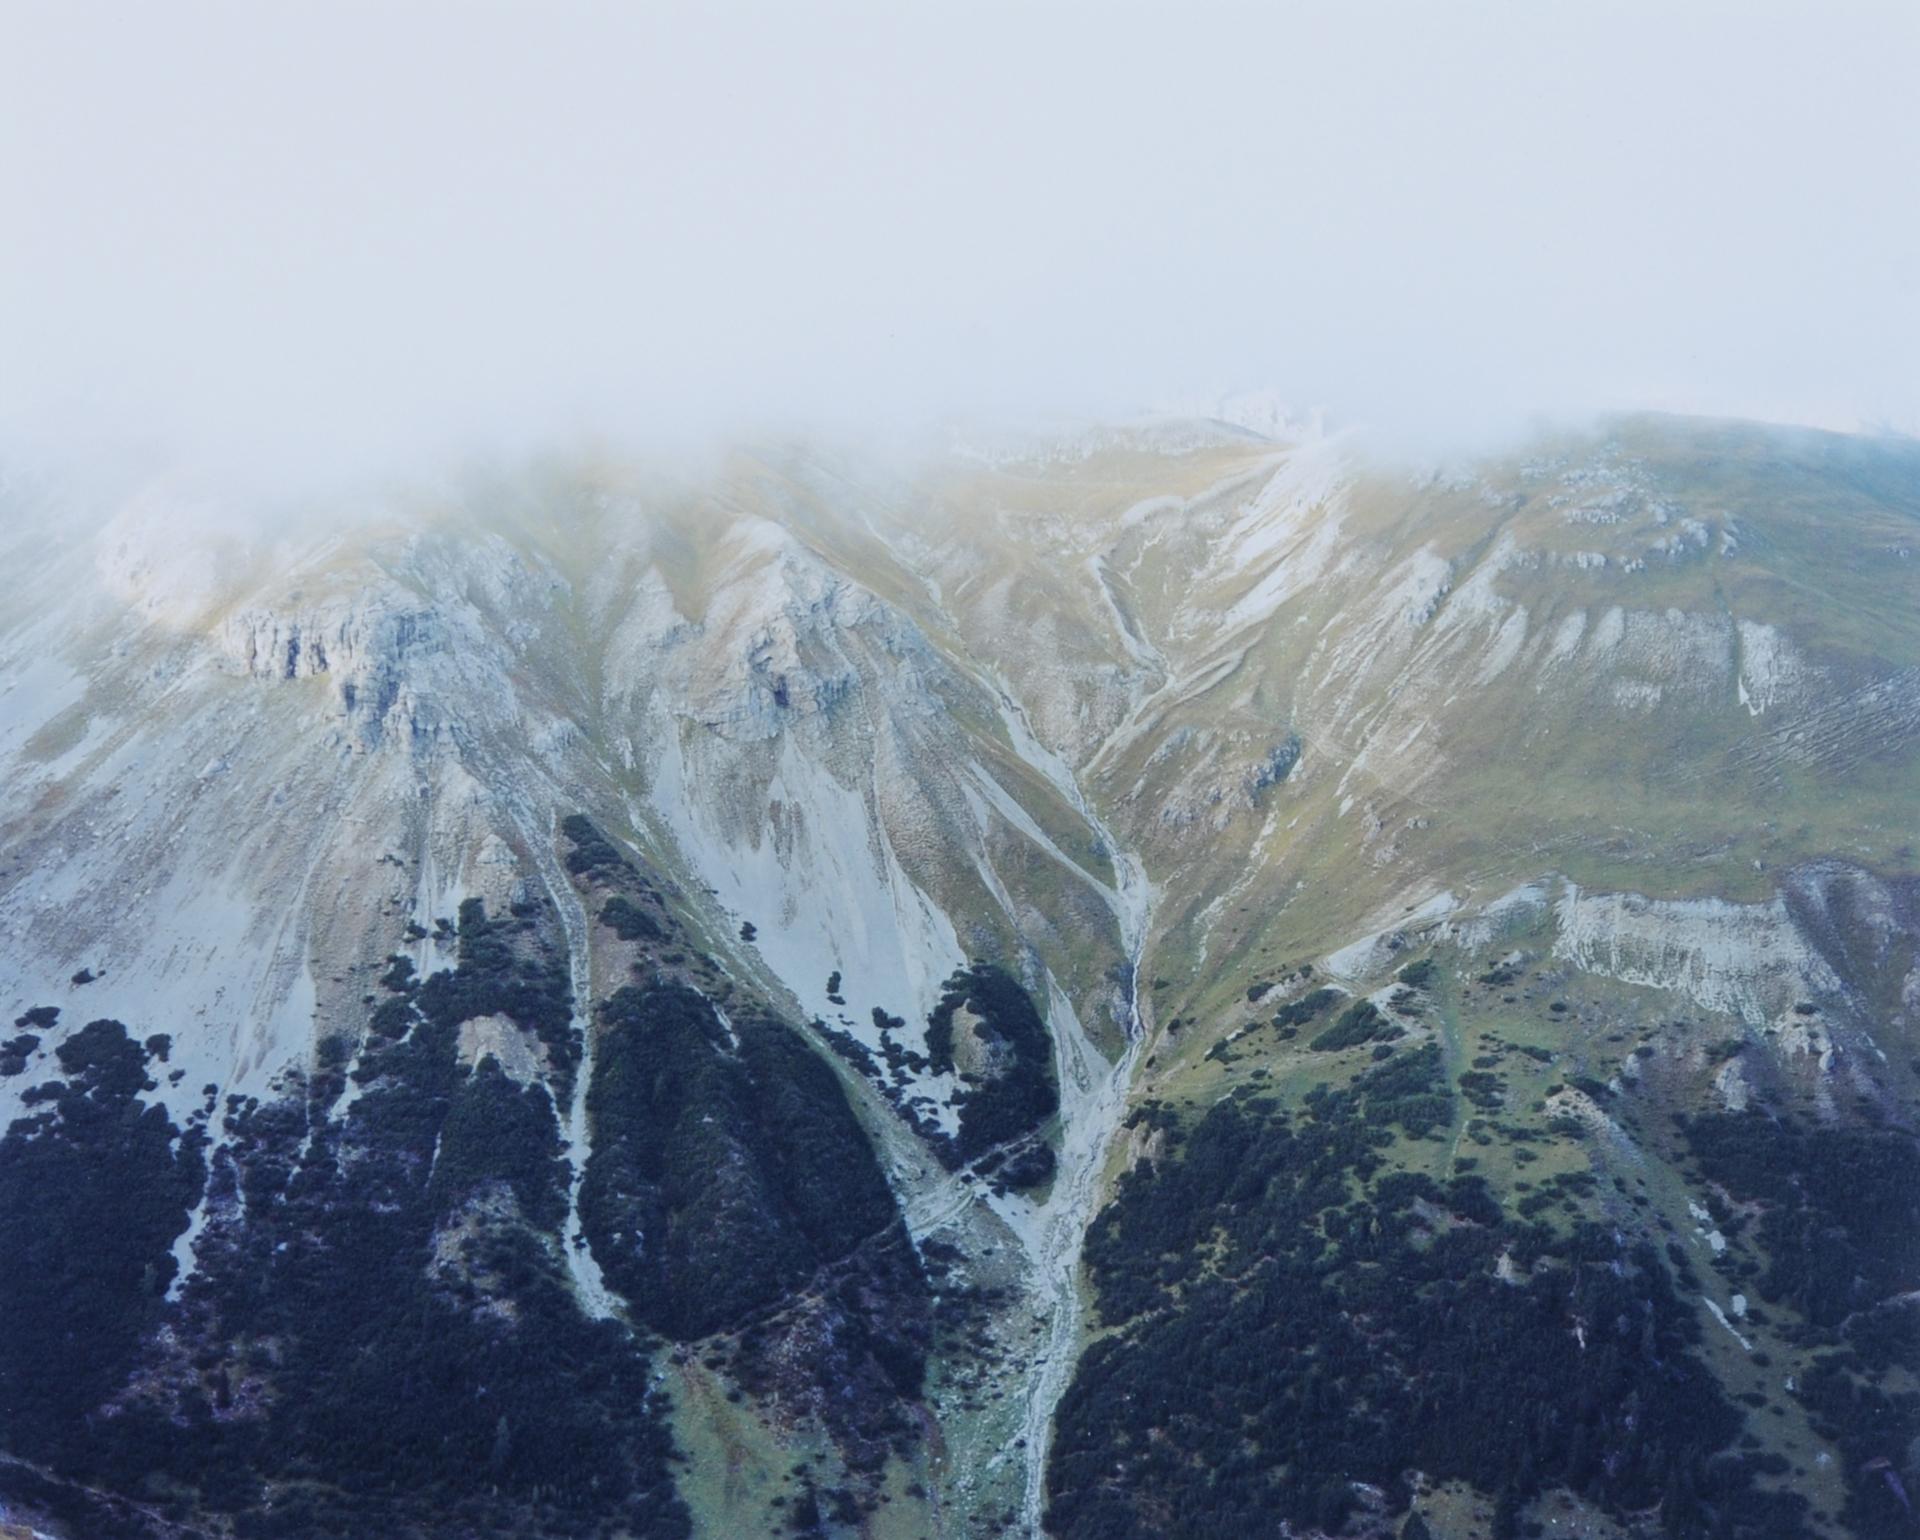 Spinatsch Jules, 2 photographs: Altstein; Bärental